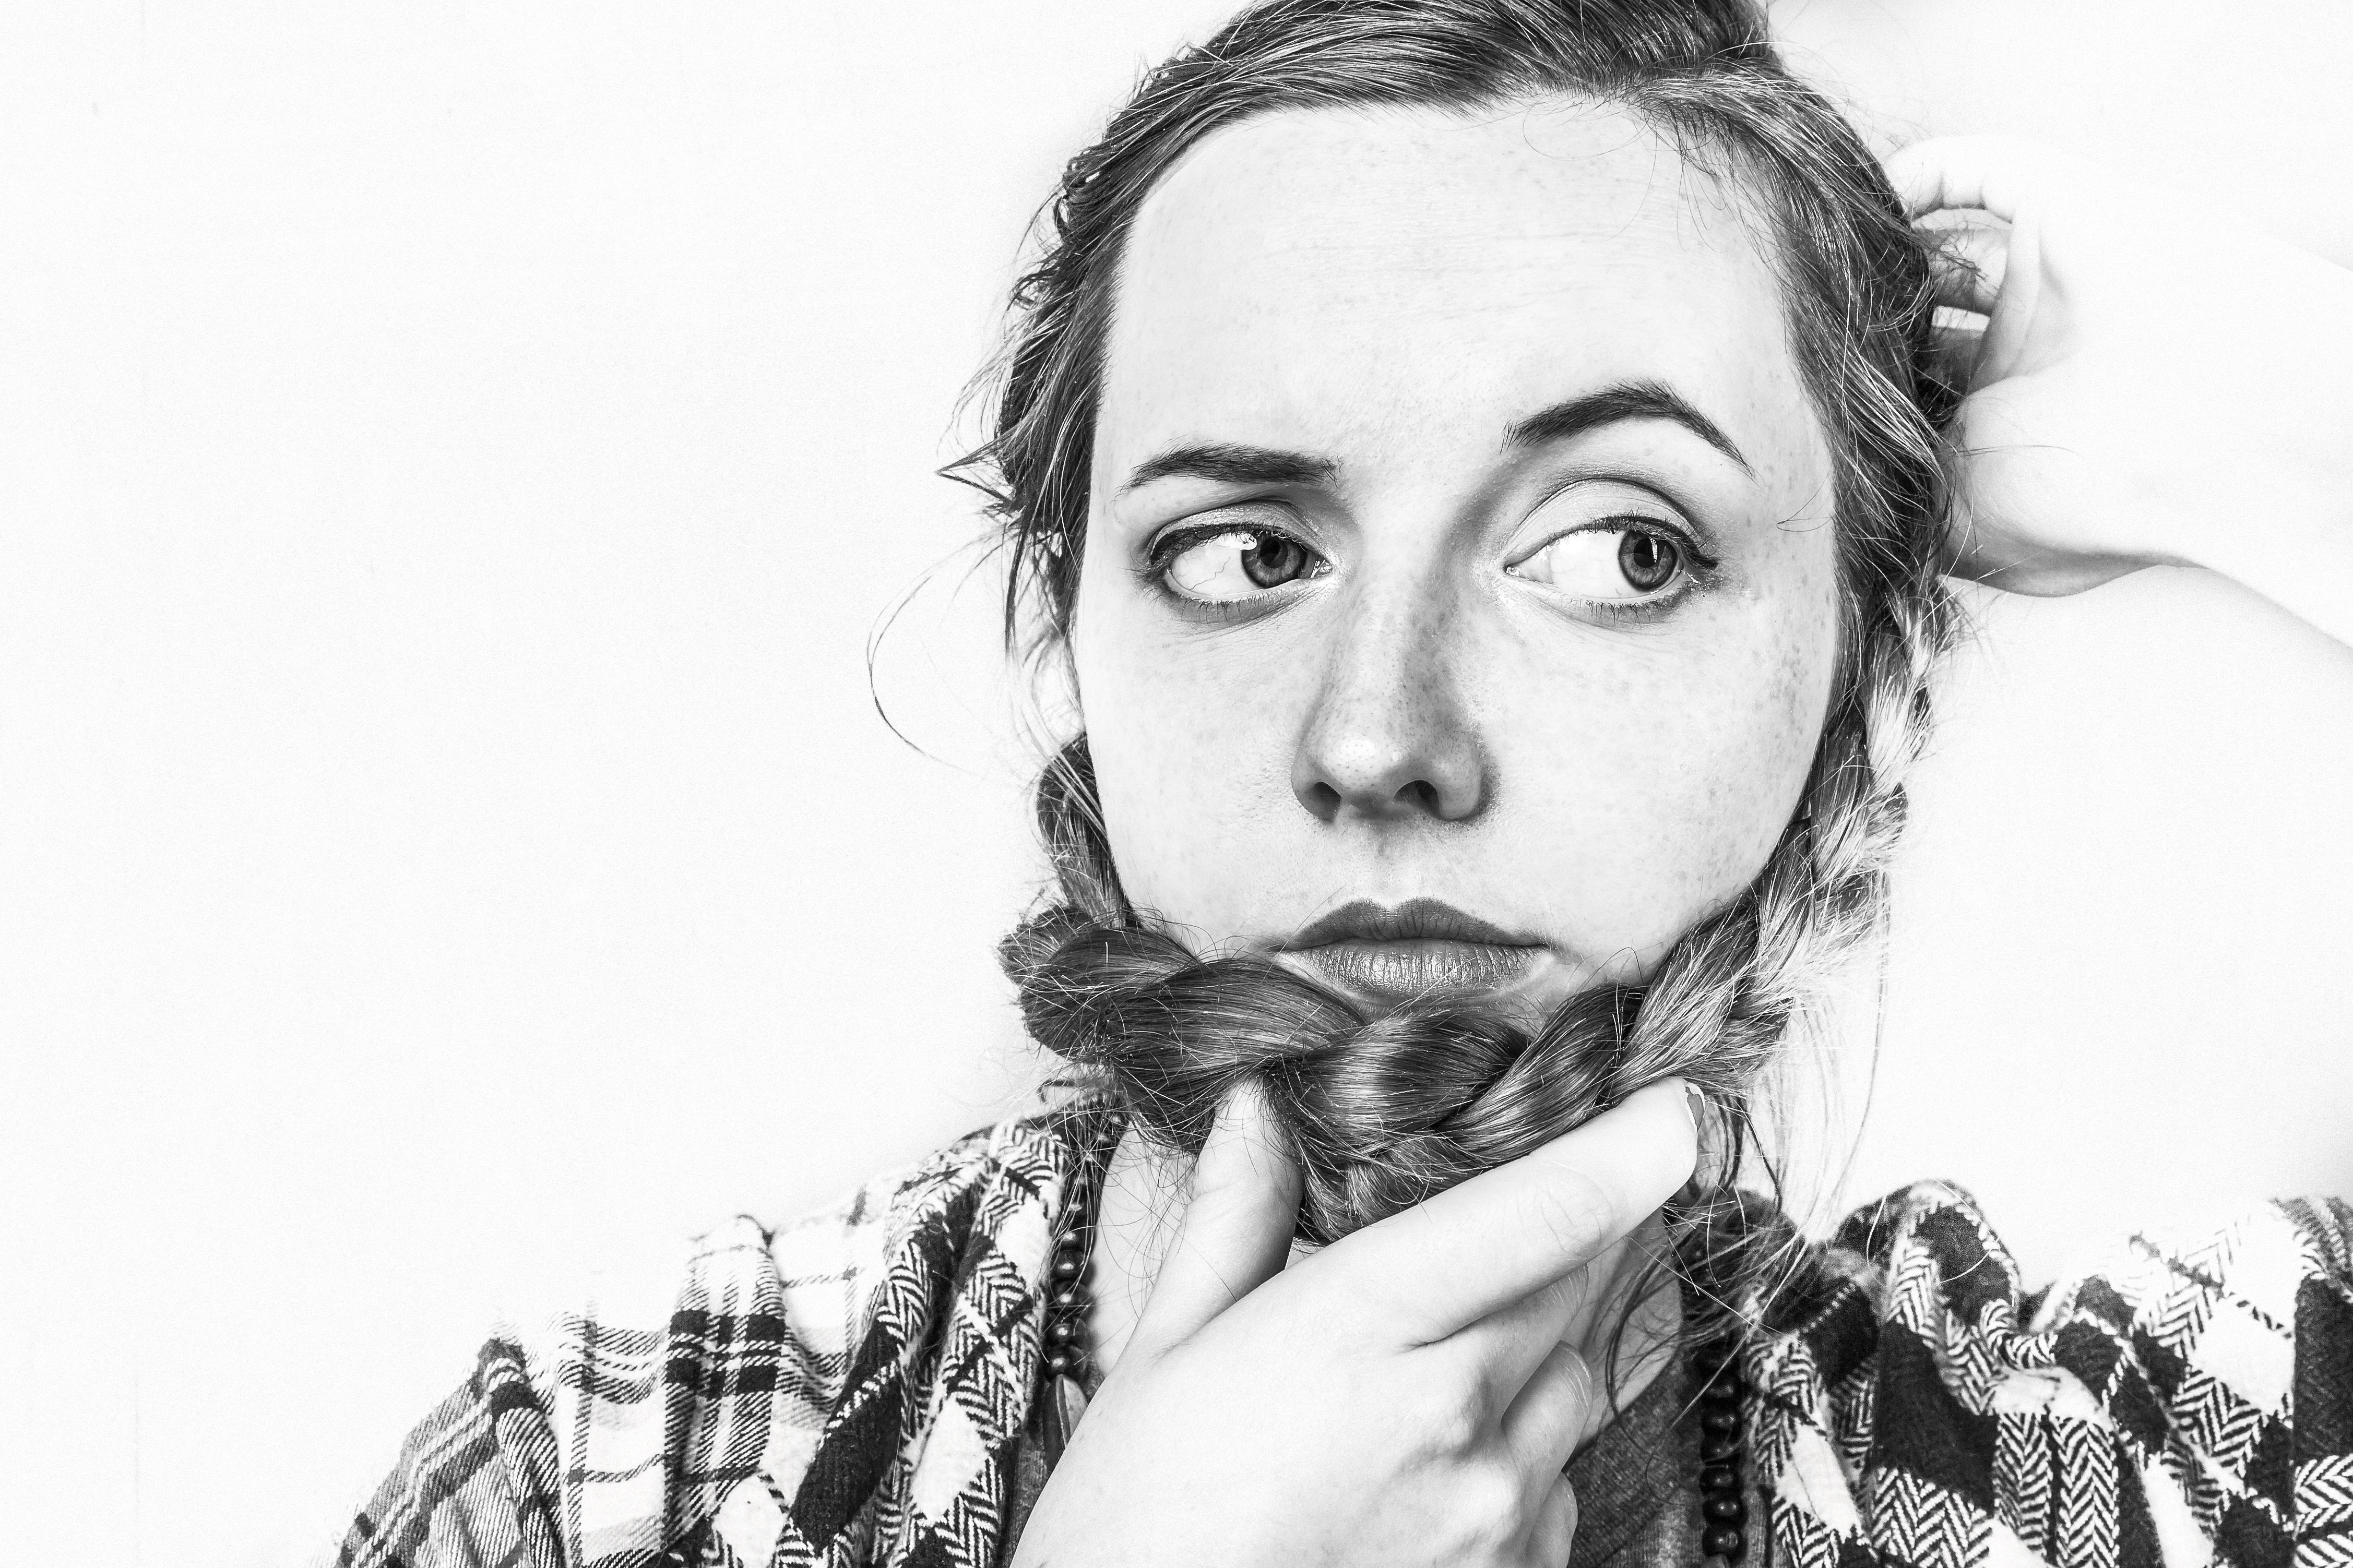 髪のボリュームに悩む女性